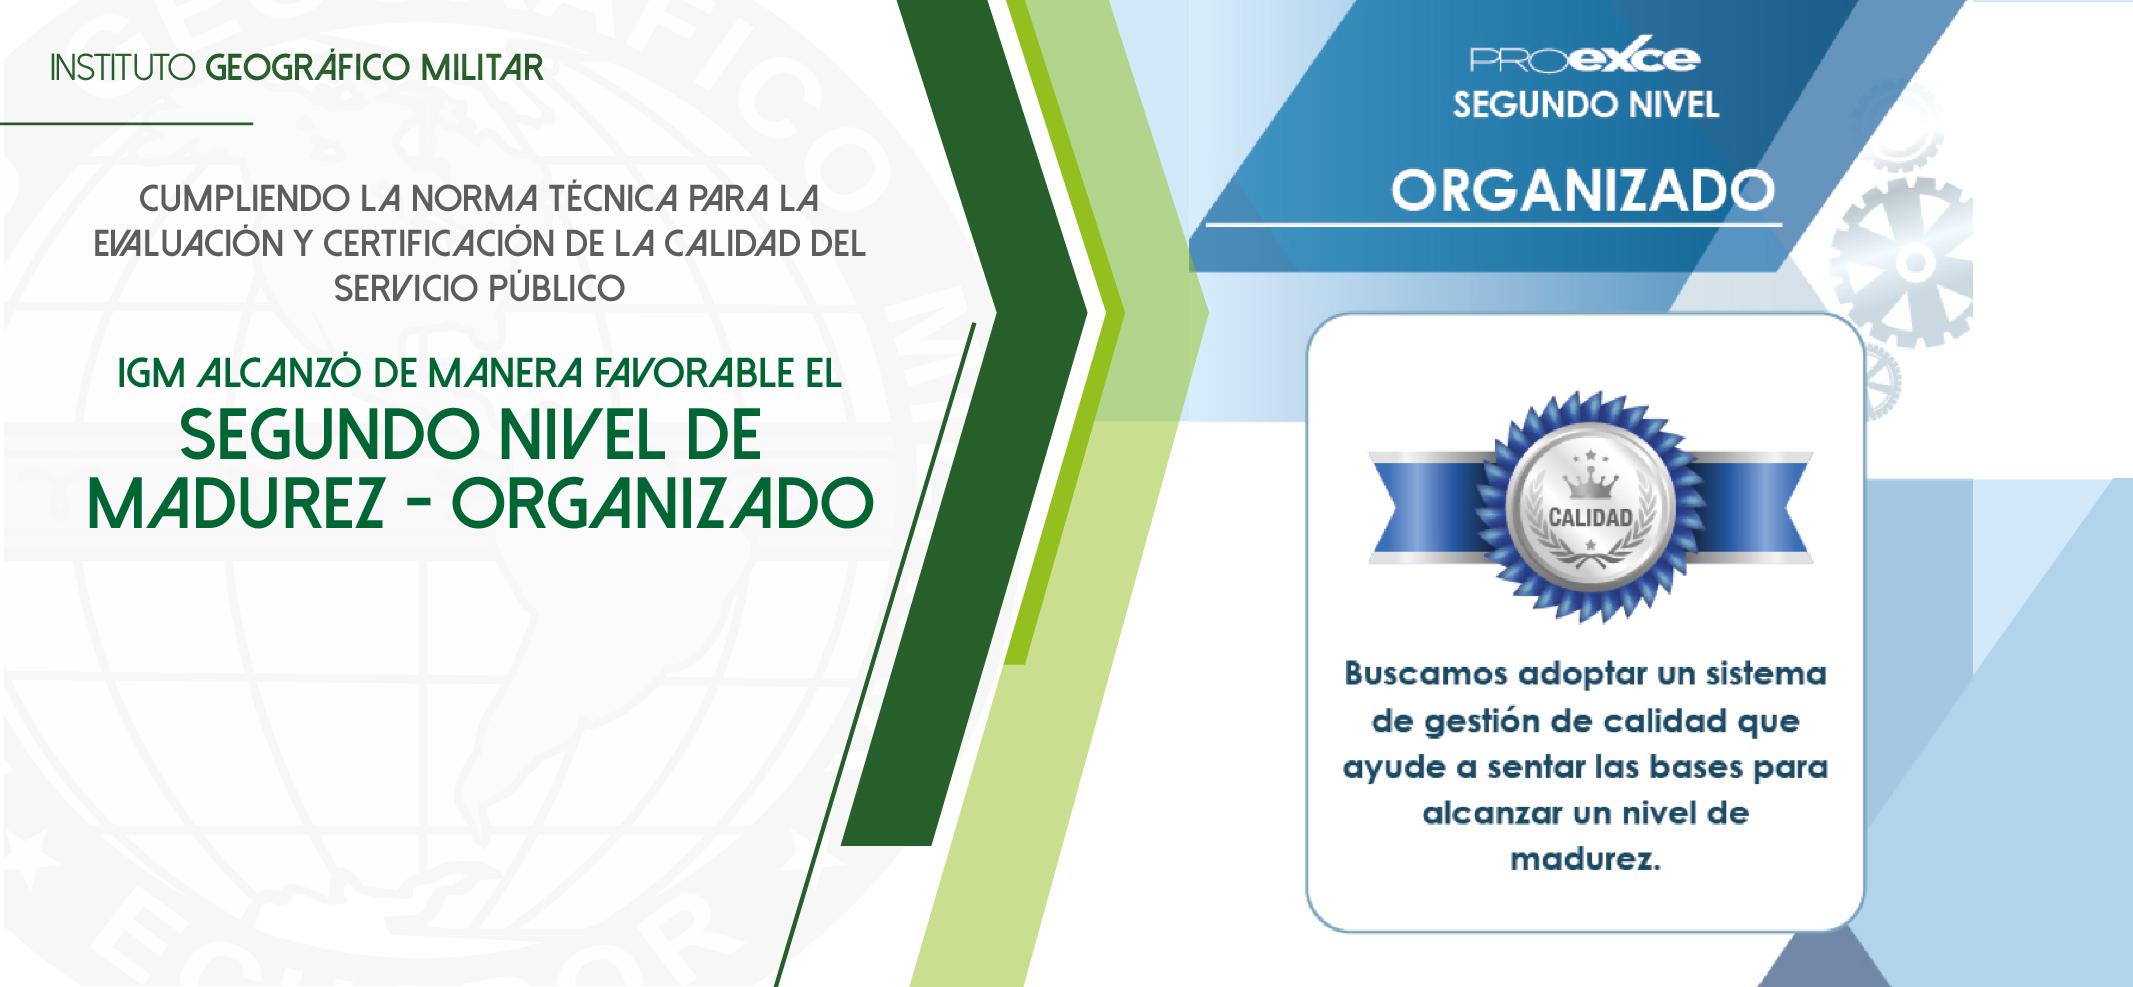 """IGM alcanzó el segundo nivel de madurez denominado """"Organizado"""""""